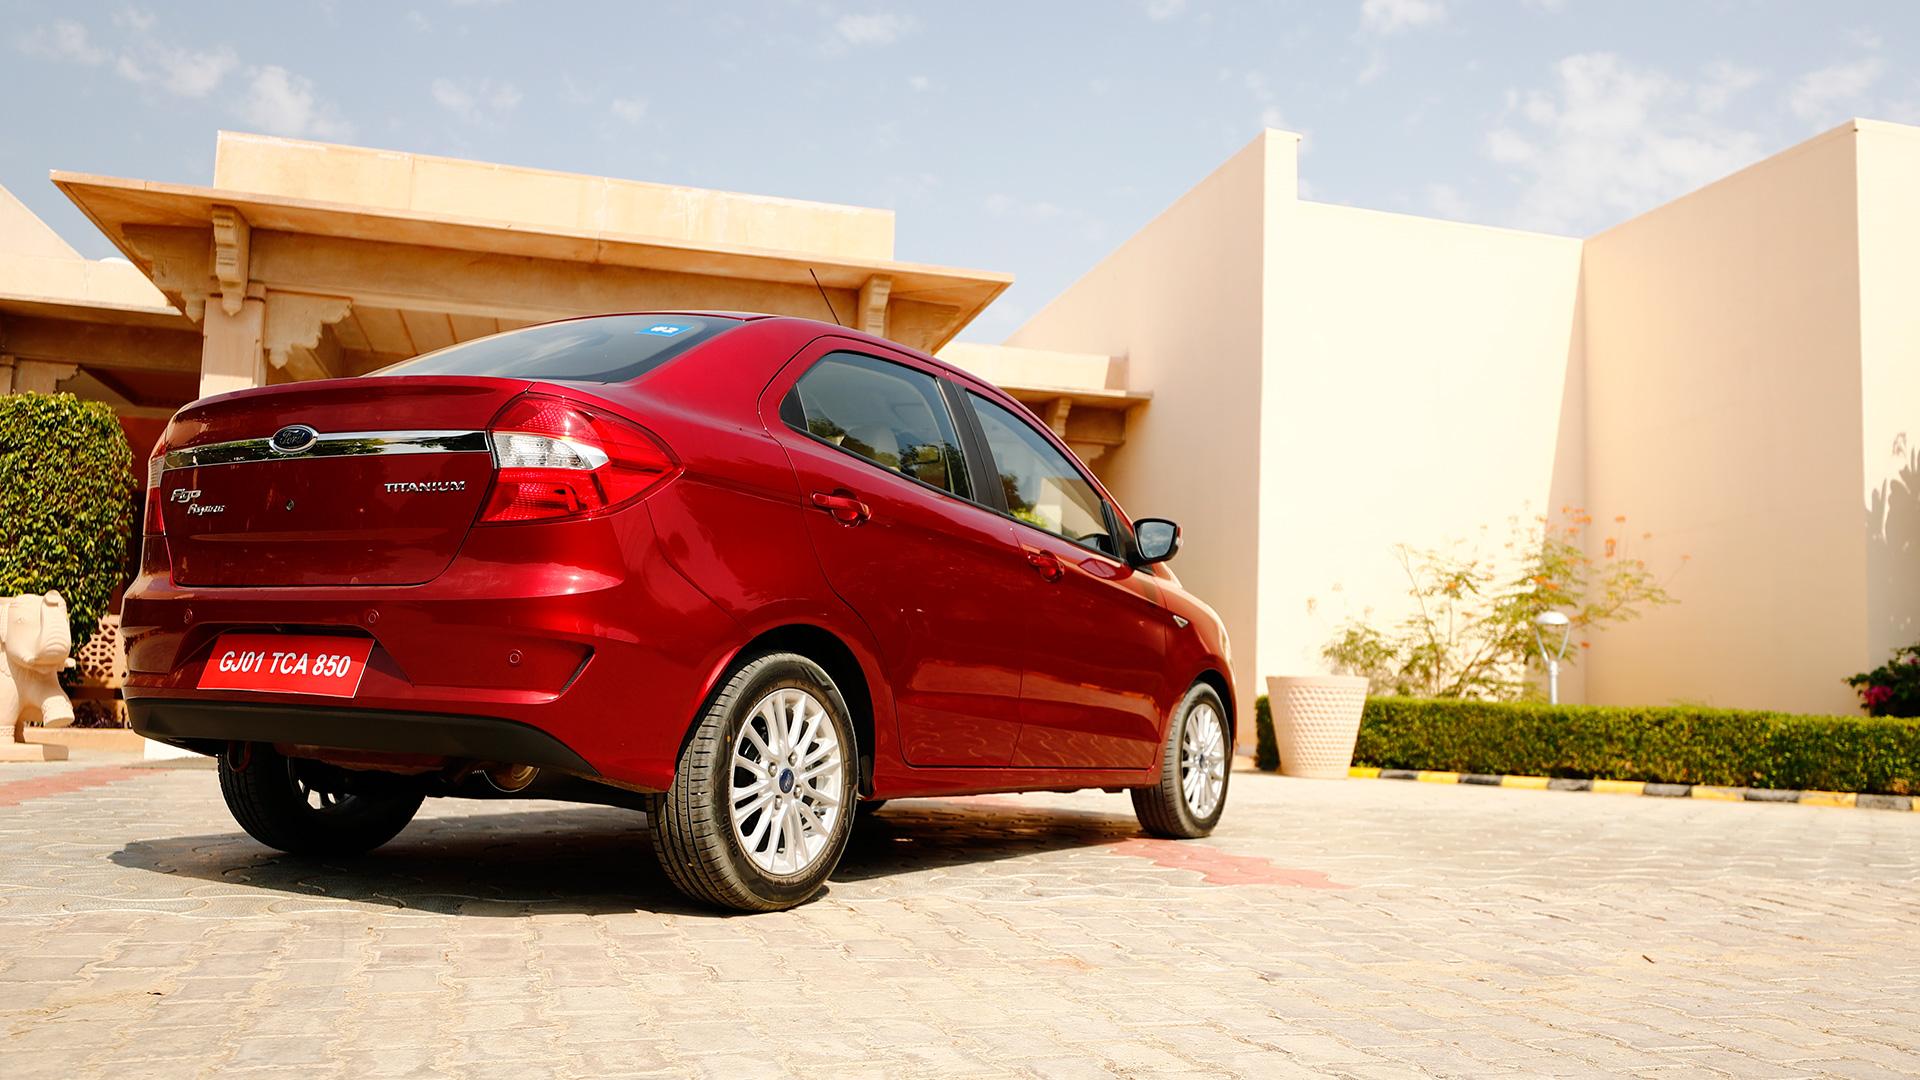 Ford Aspire 2018 Petrol 1.5AT Titanium Exterior